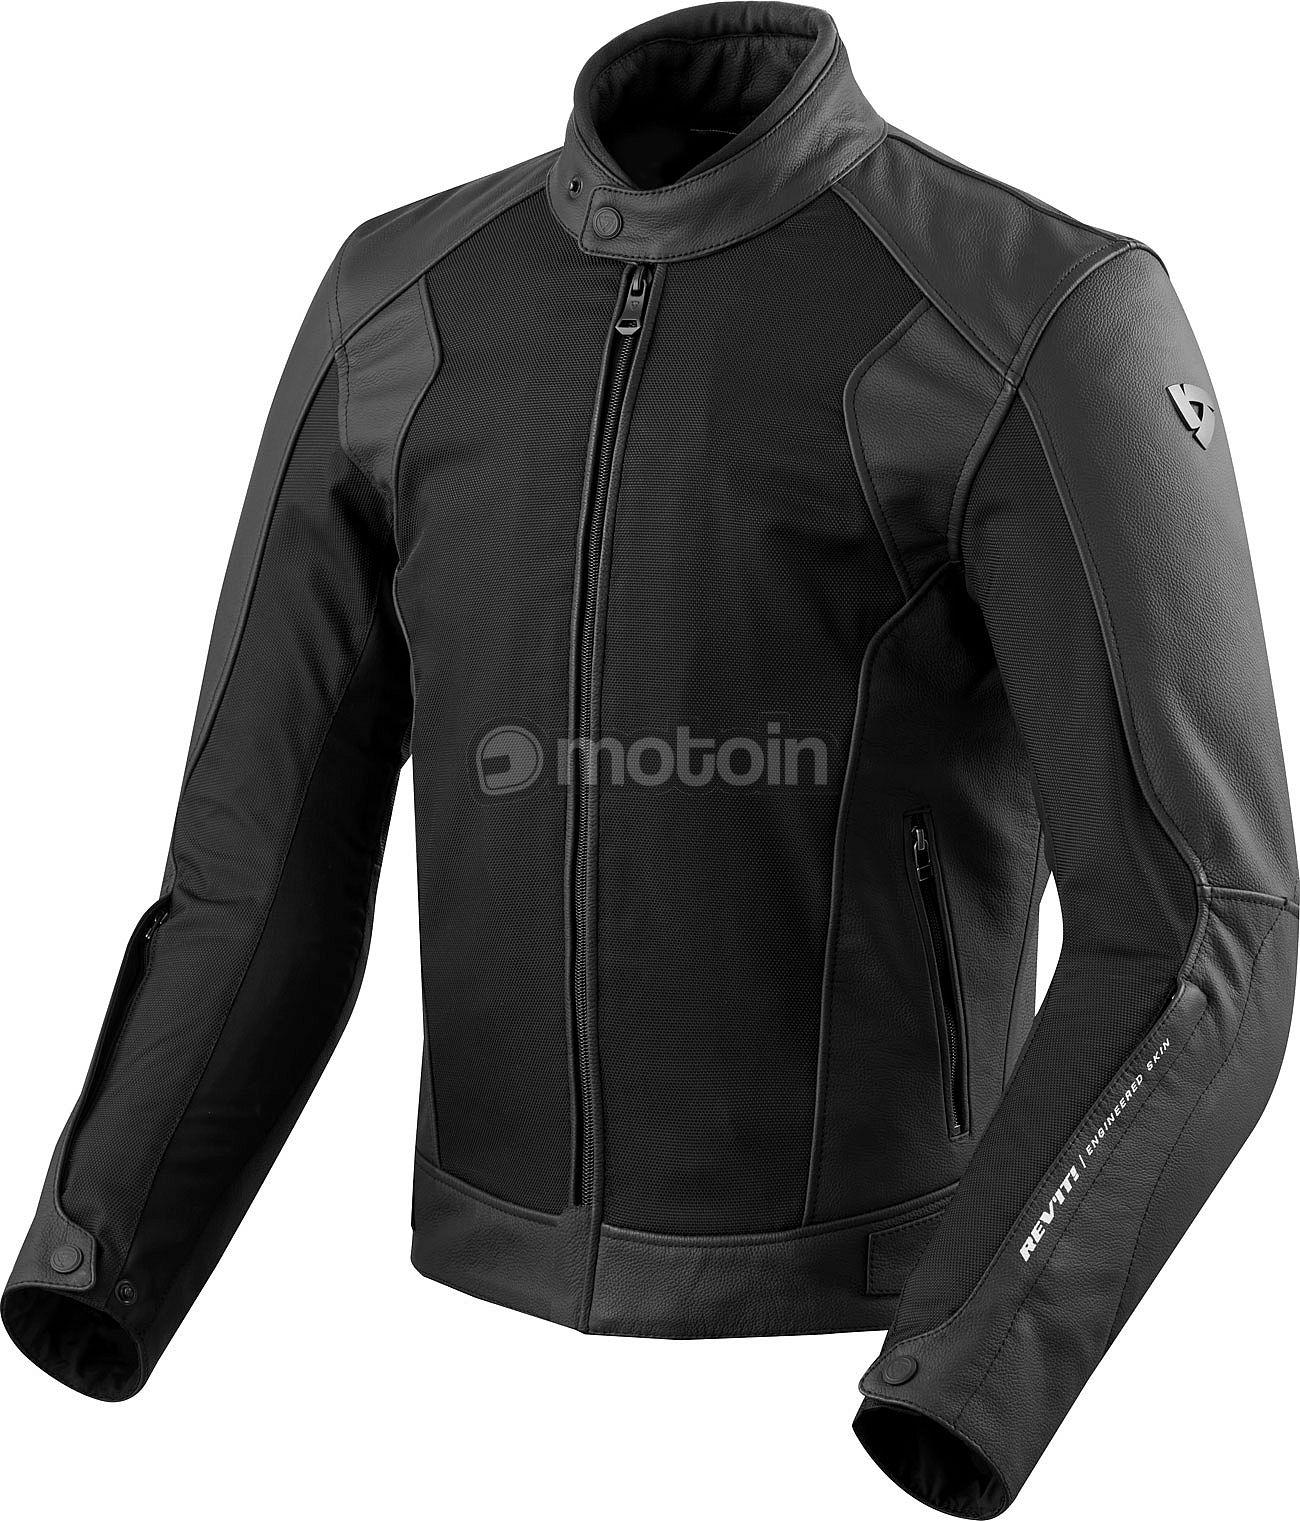 Revit Ignition 3 Motorrad Leder-//Textilhose 52